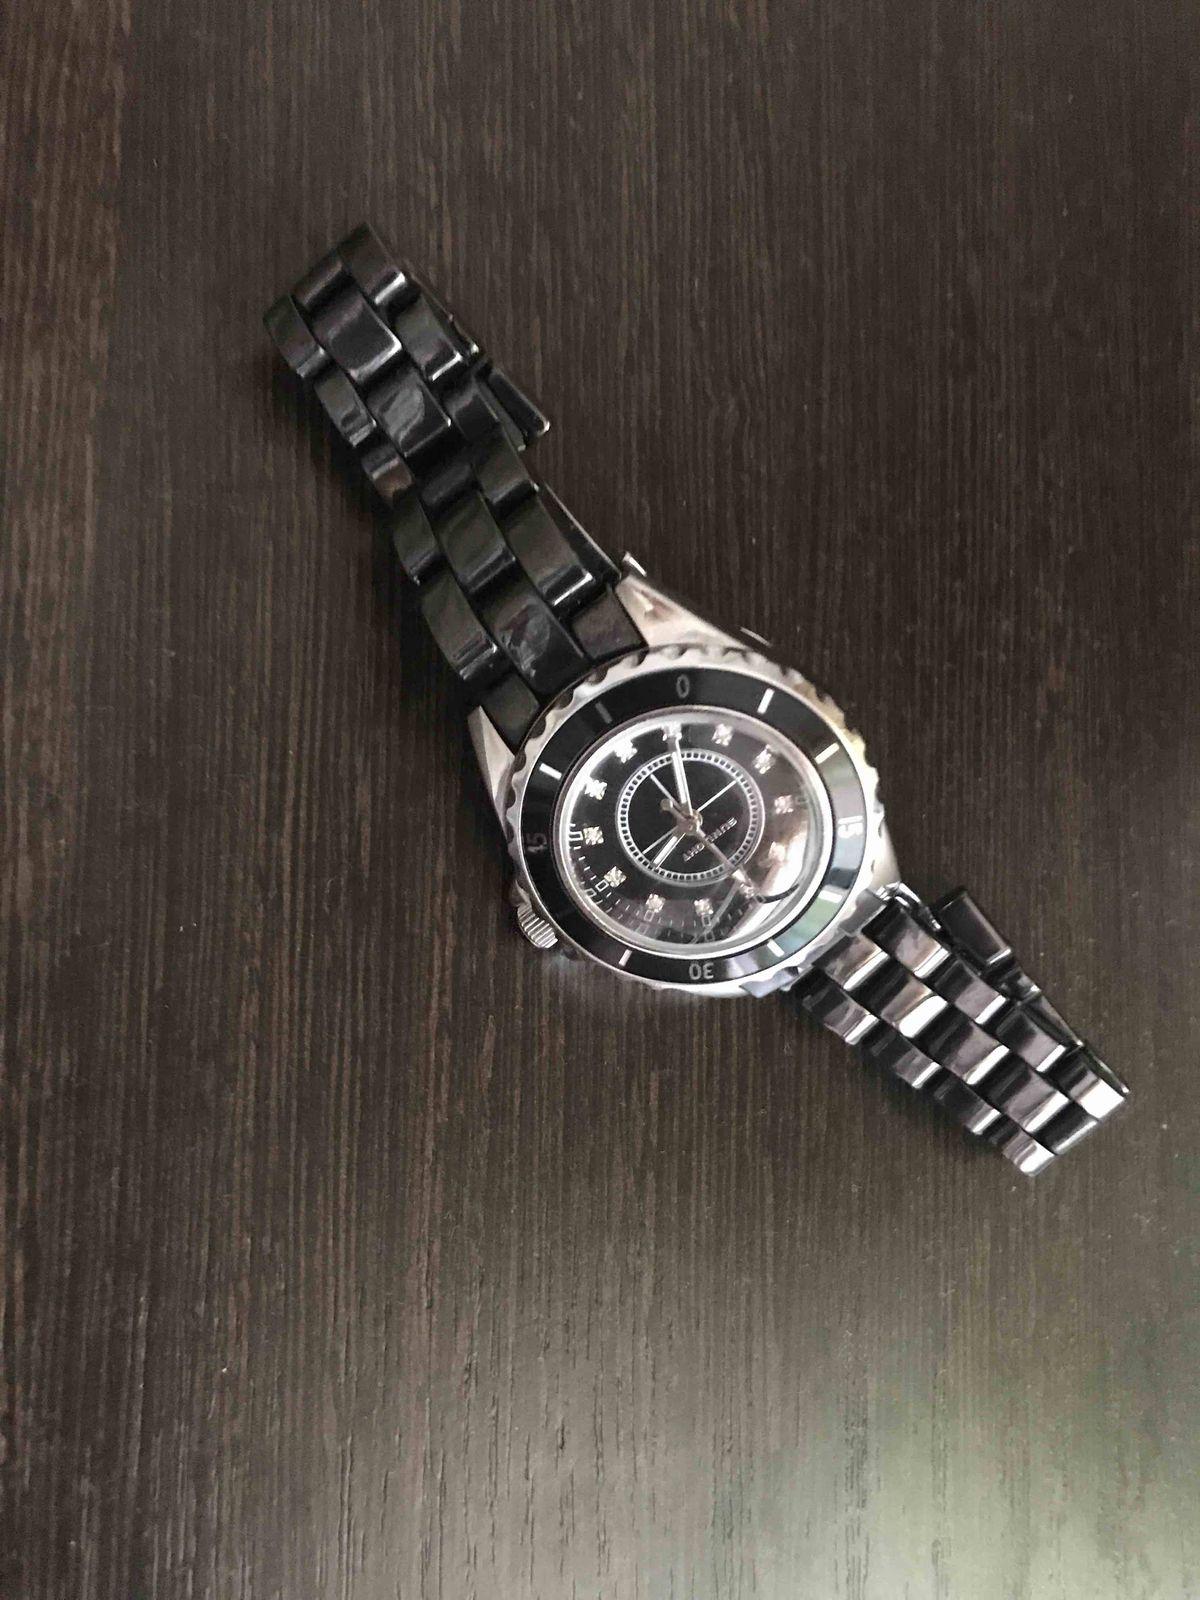 Очень красивые, удобные часы. Понравились в магазине.